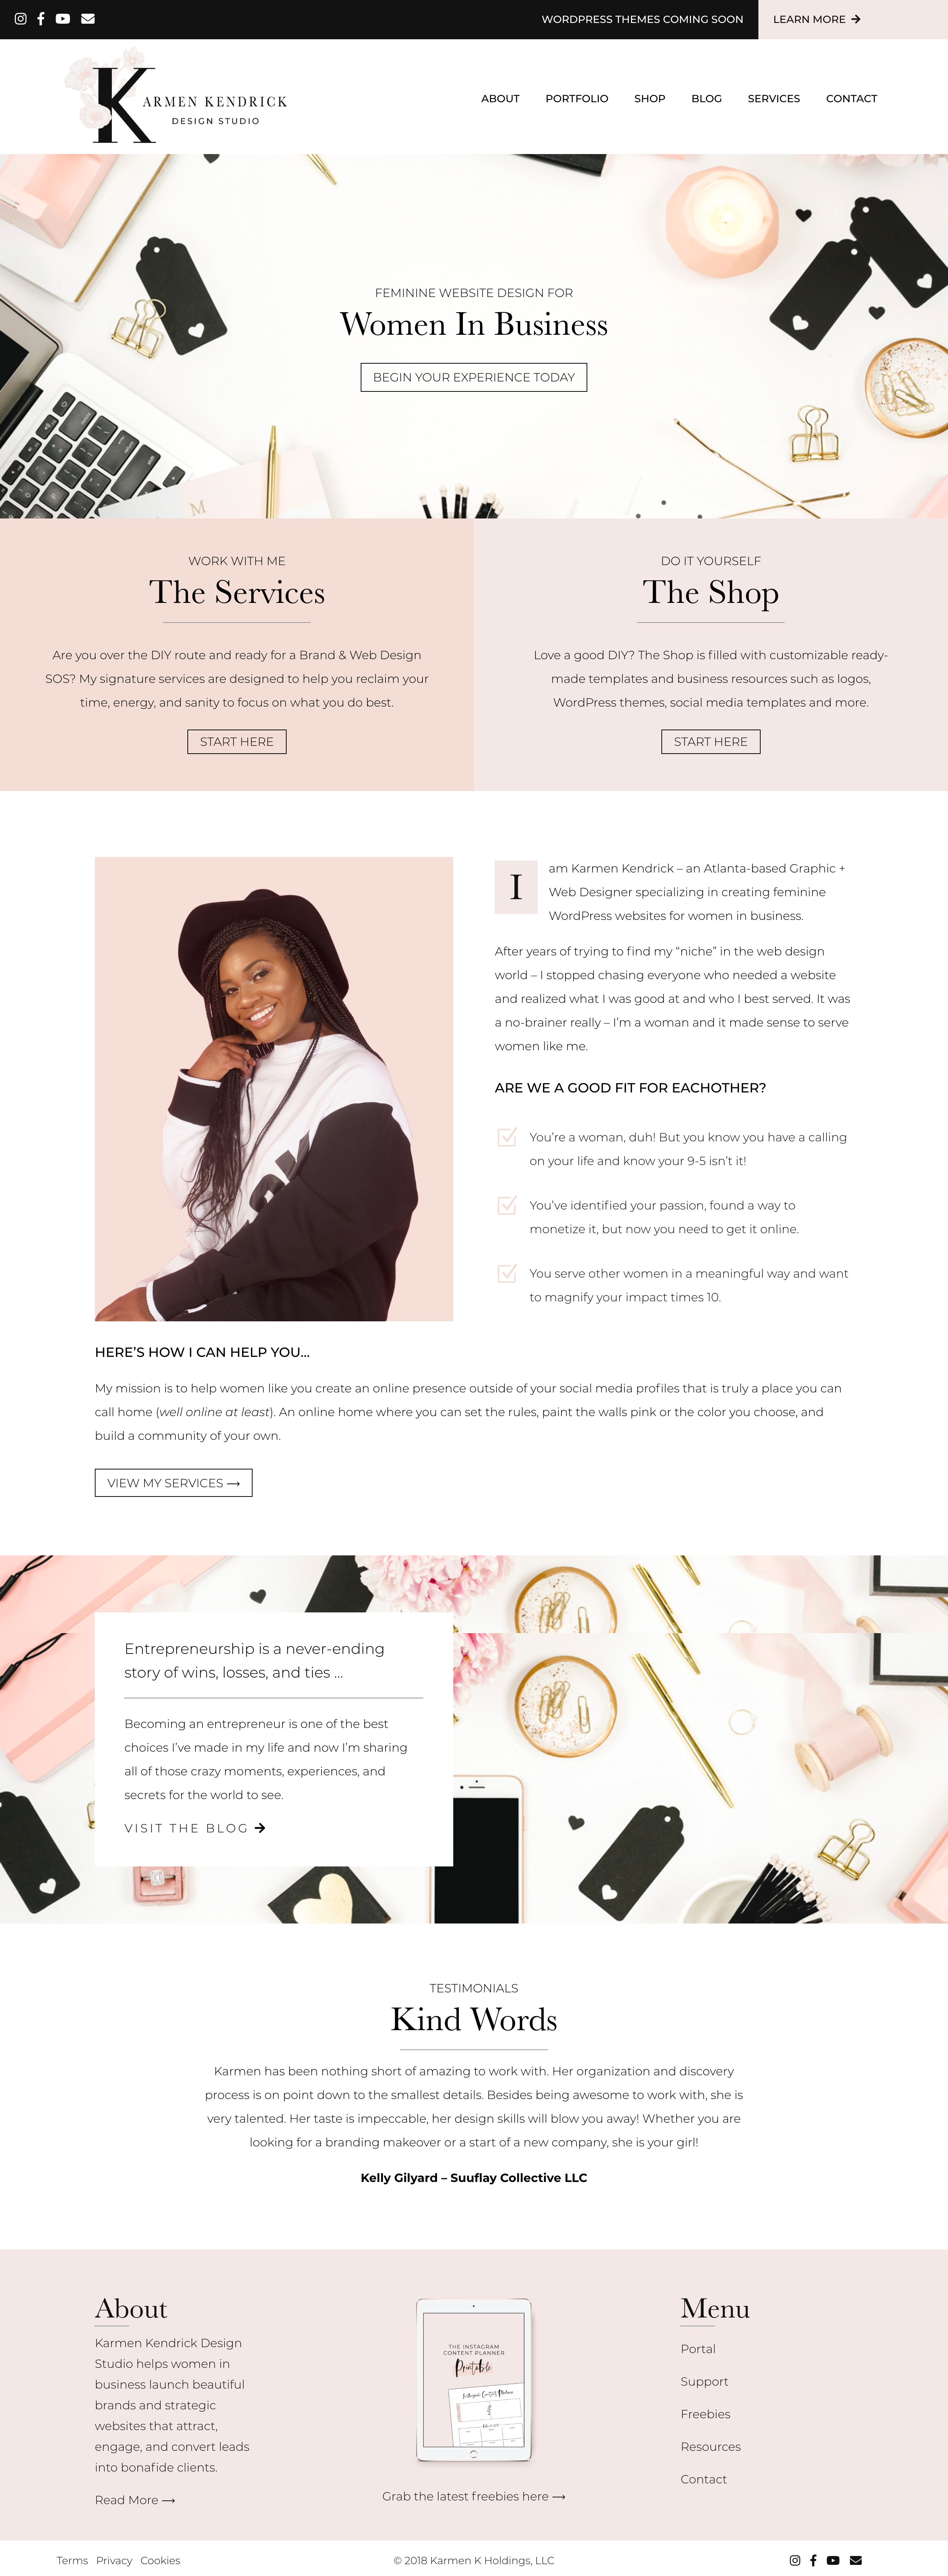 Website Home Page Redesign For Karmen Kendrick Design Studio Karmen Is An Atlanta Based Graphic Wordpress Website Design Web Design Tips Web Design Services